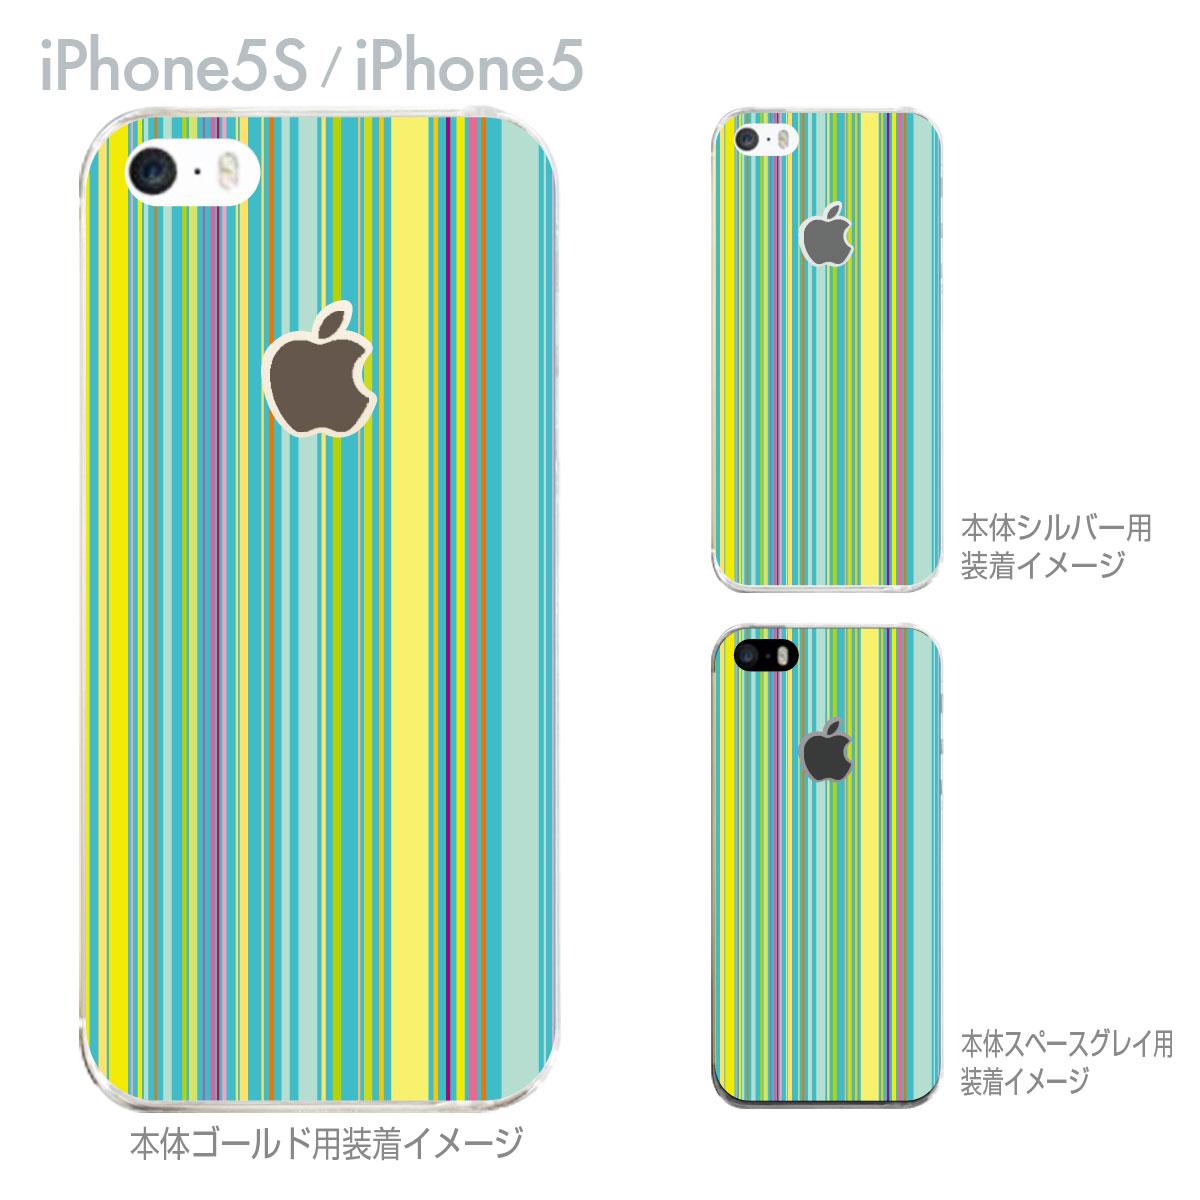 【iPhone5S】【iPhone5】【iPhone5sケース】【iPhone5ケース】【カバー】【スマホケース】【クリアケース】【チェック・ボーダー・ドット】【カラーライン】 06-ip5s-ca0086